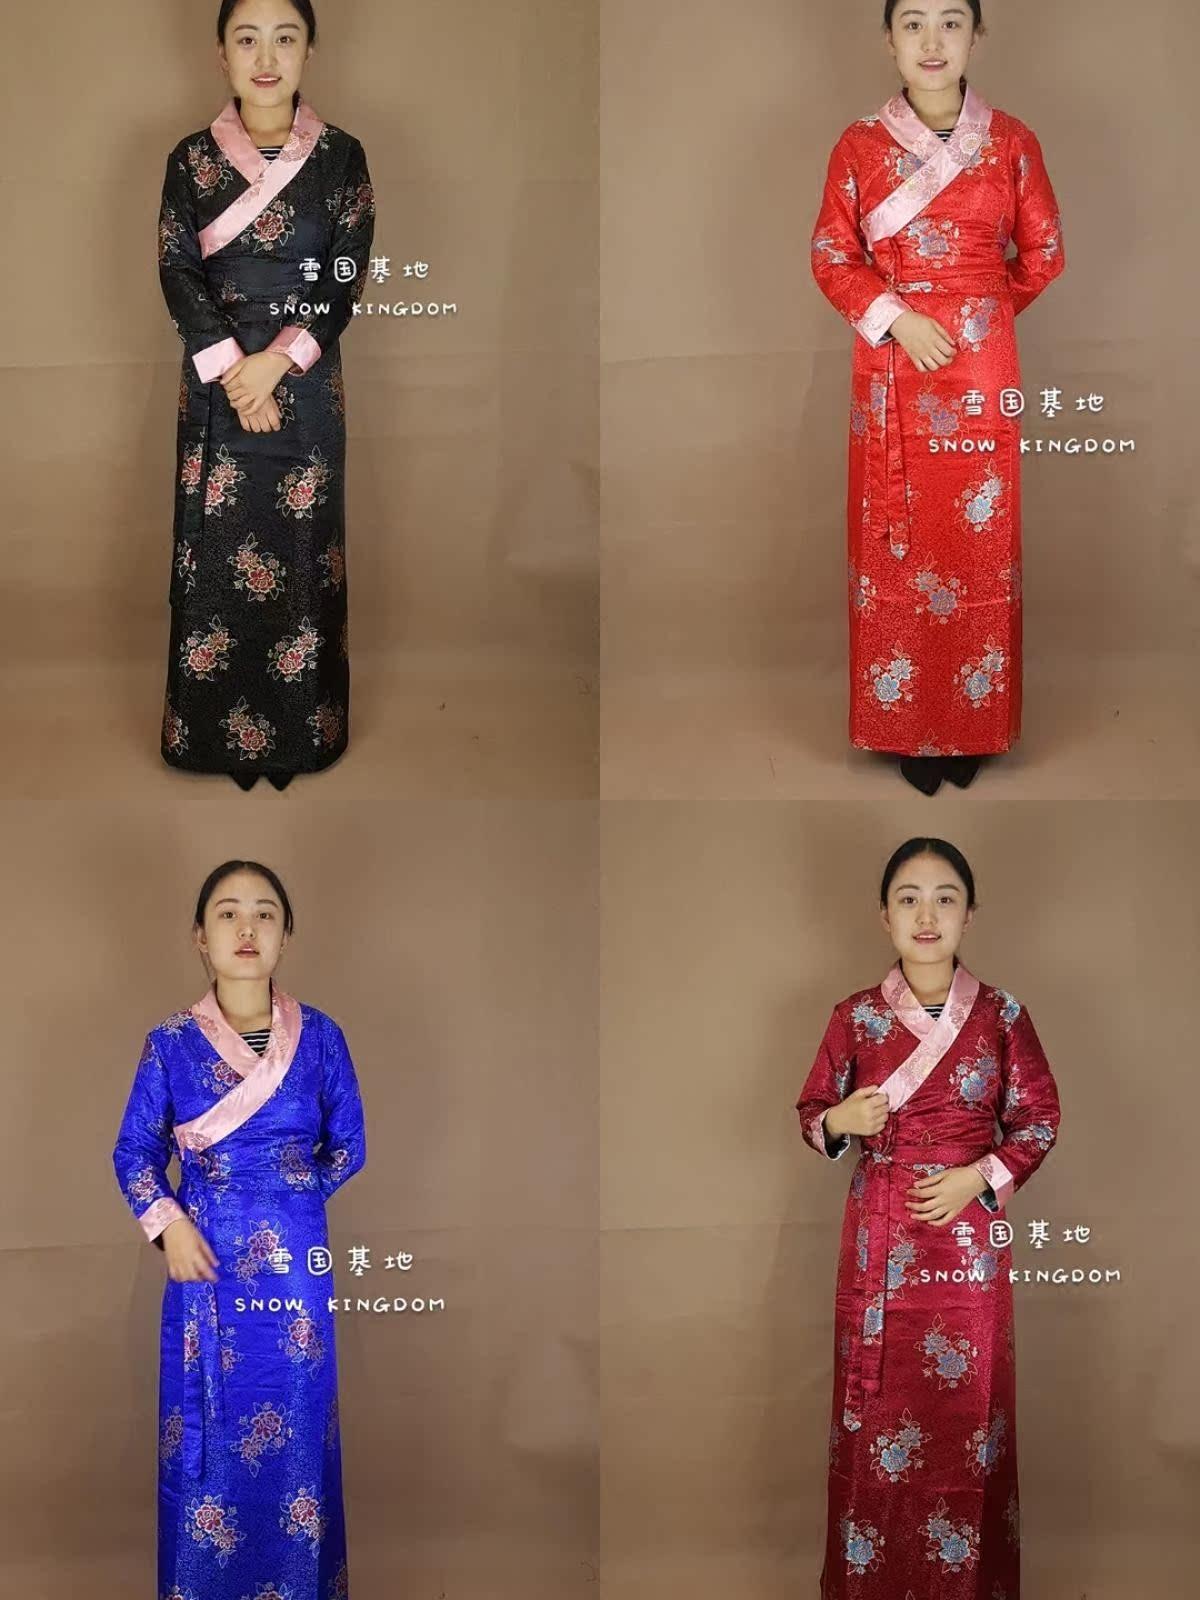 苏拉克夏西藏女款西藏服藏式服装西式藏装演出锅庄表演礼服藏服博